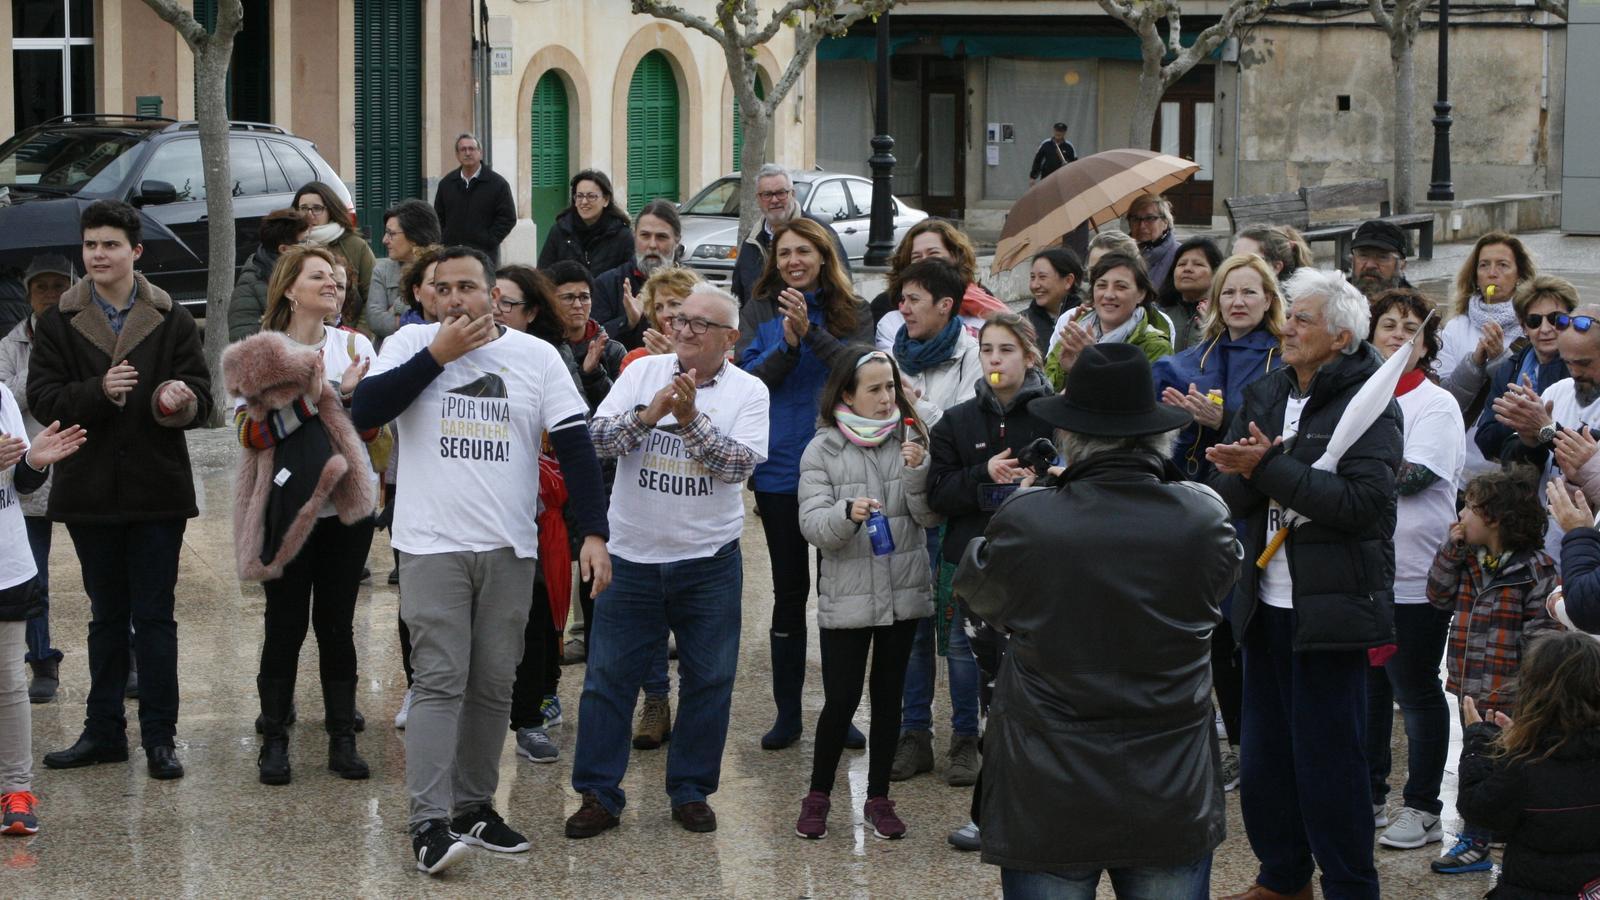 Els manifestants s'ha expressat amb una forta siulada davant l'Ajuntament.